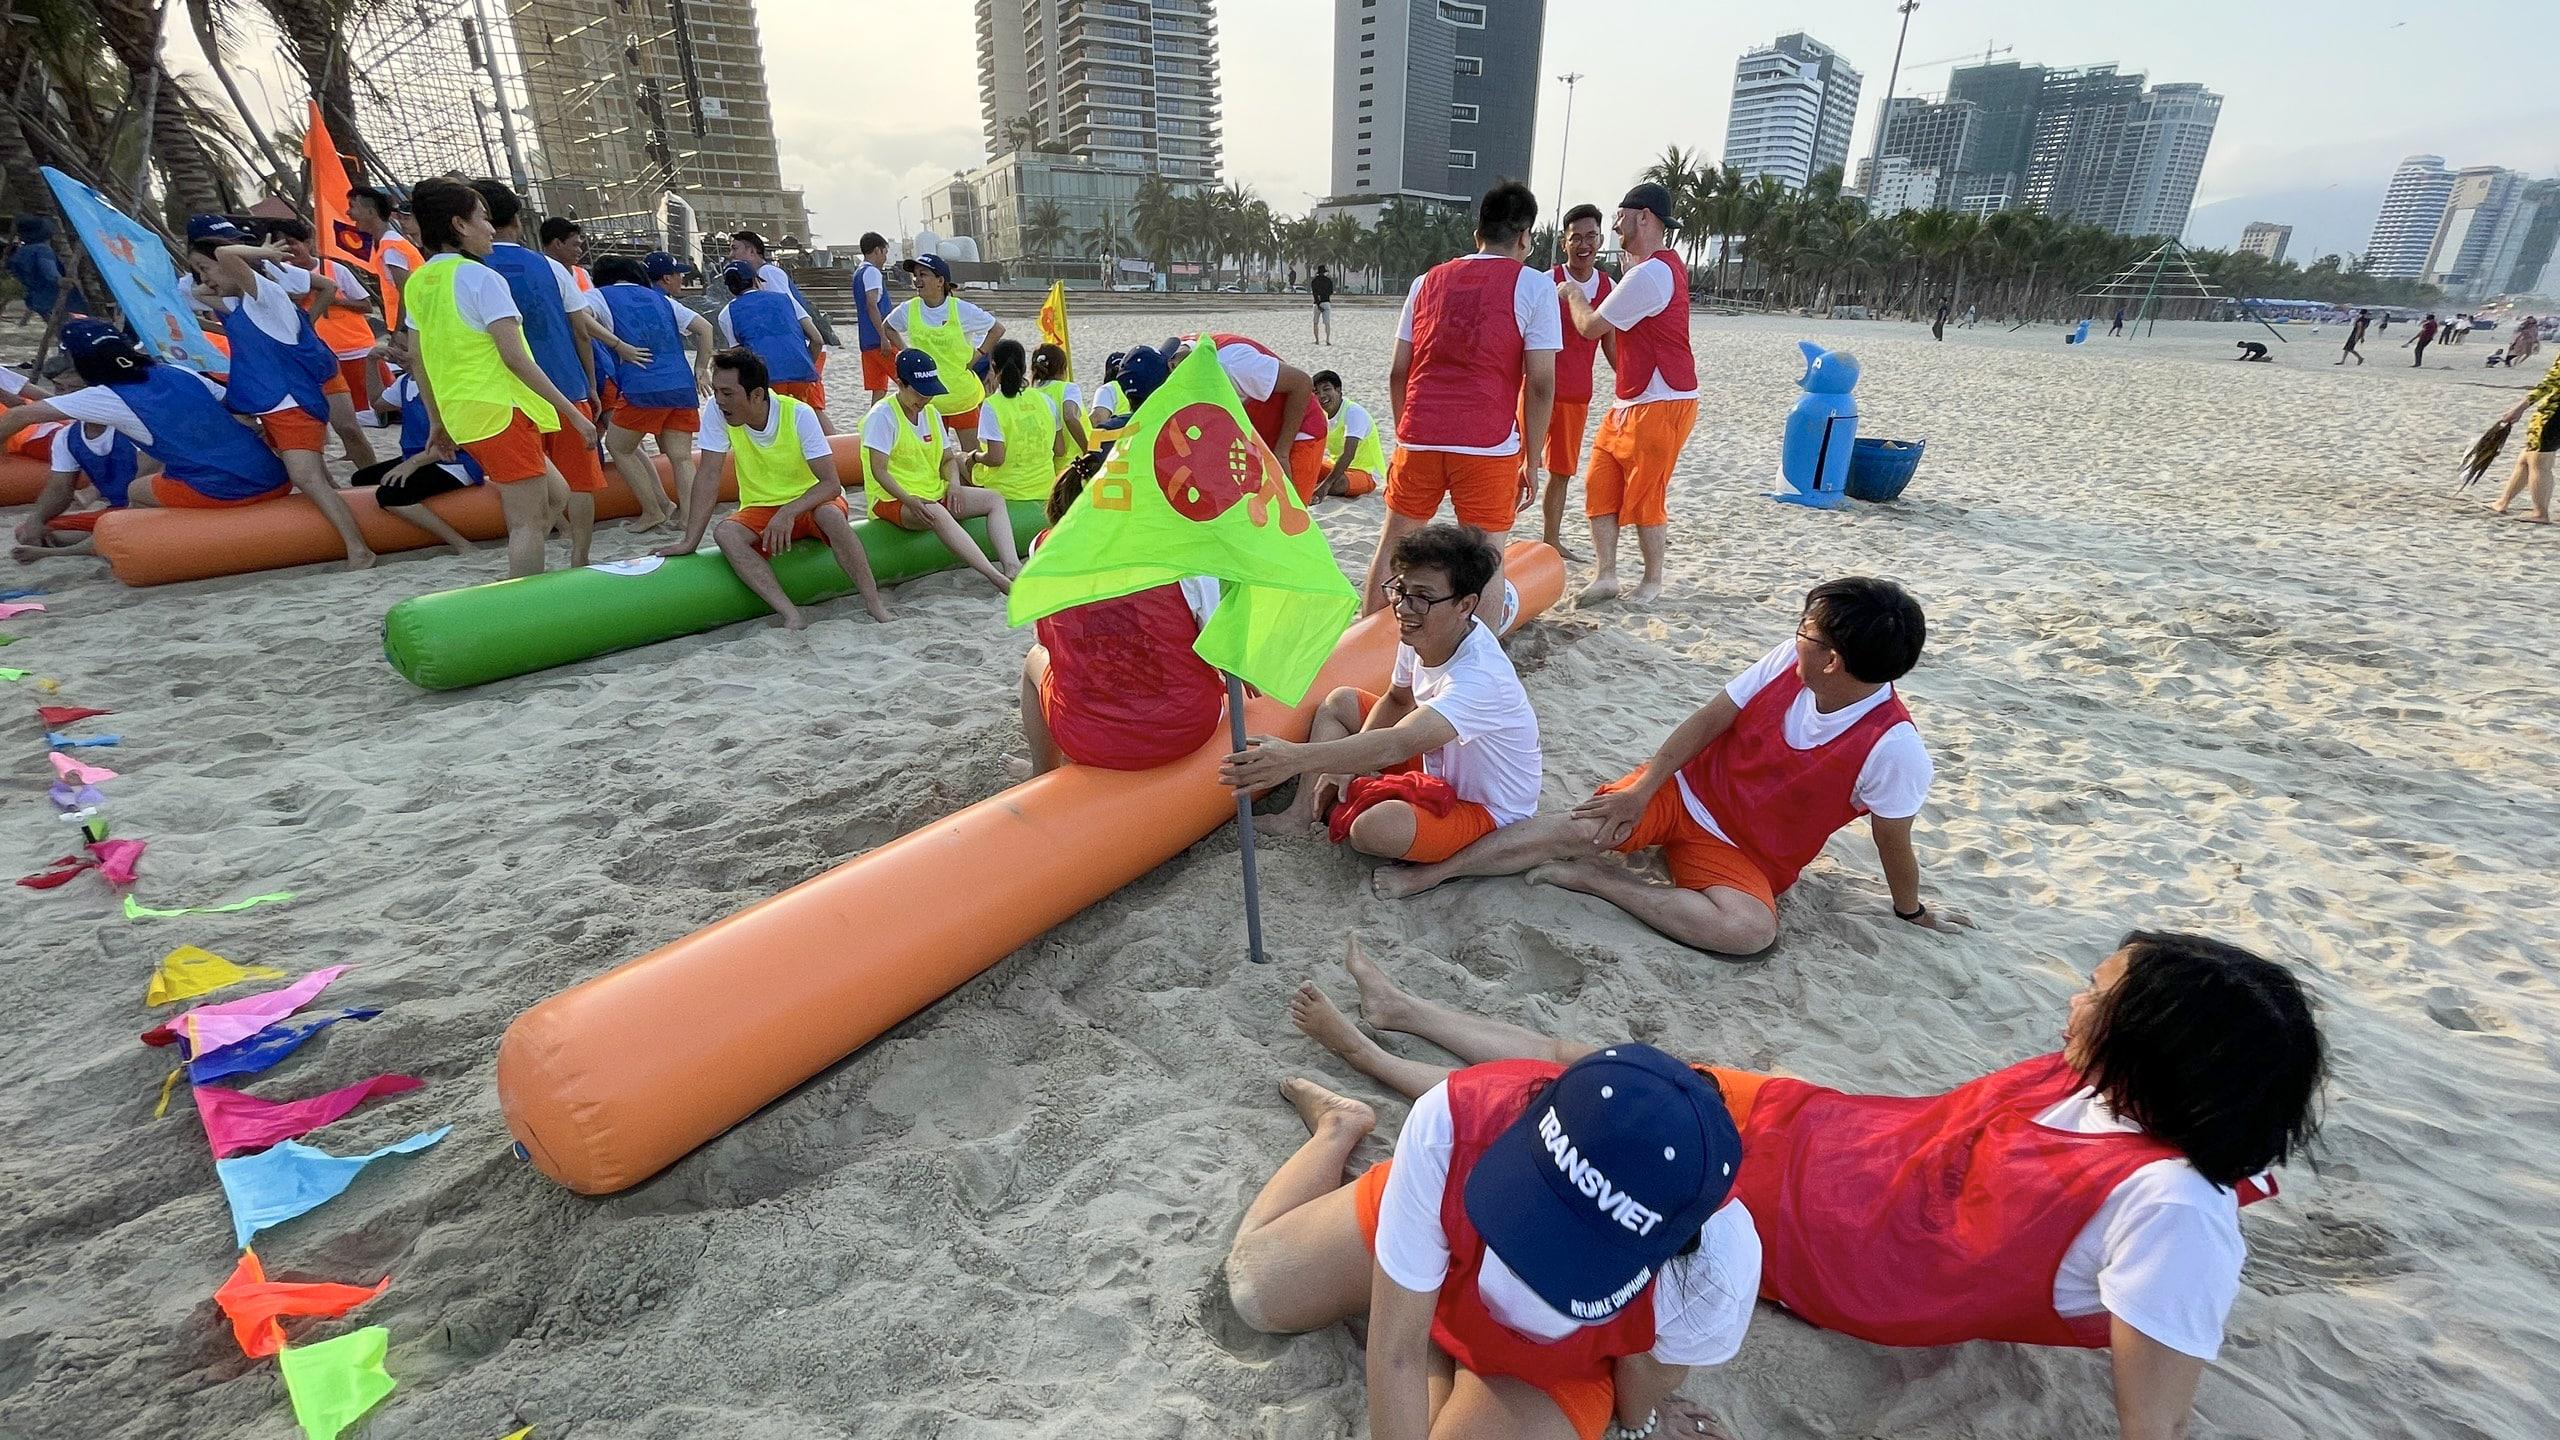 Hoạt động team building được tổ chức tại bãi biển Mỹ Khê, nơi được vinh danh là một trong những bãi biển quyến rũ nhất hành tinh!